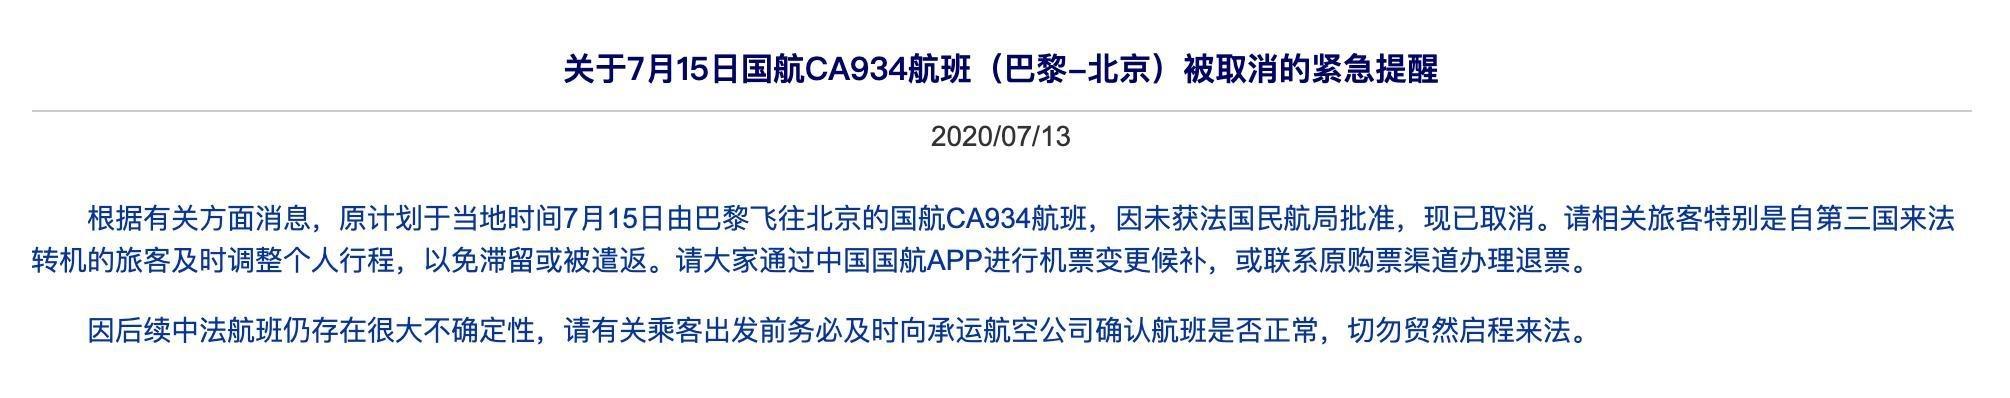 中国驻法使馆:7月15日由巴黎飞往北京的国航CA934航班被取消